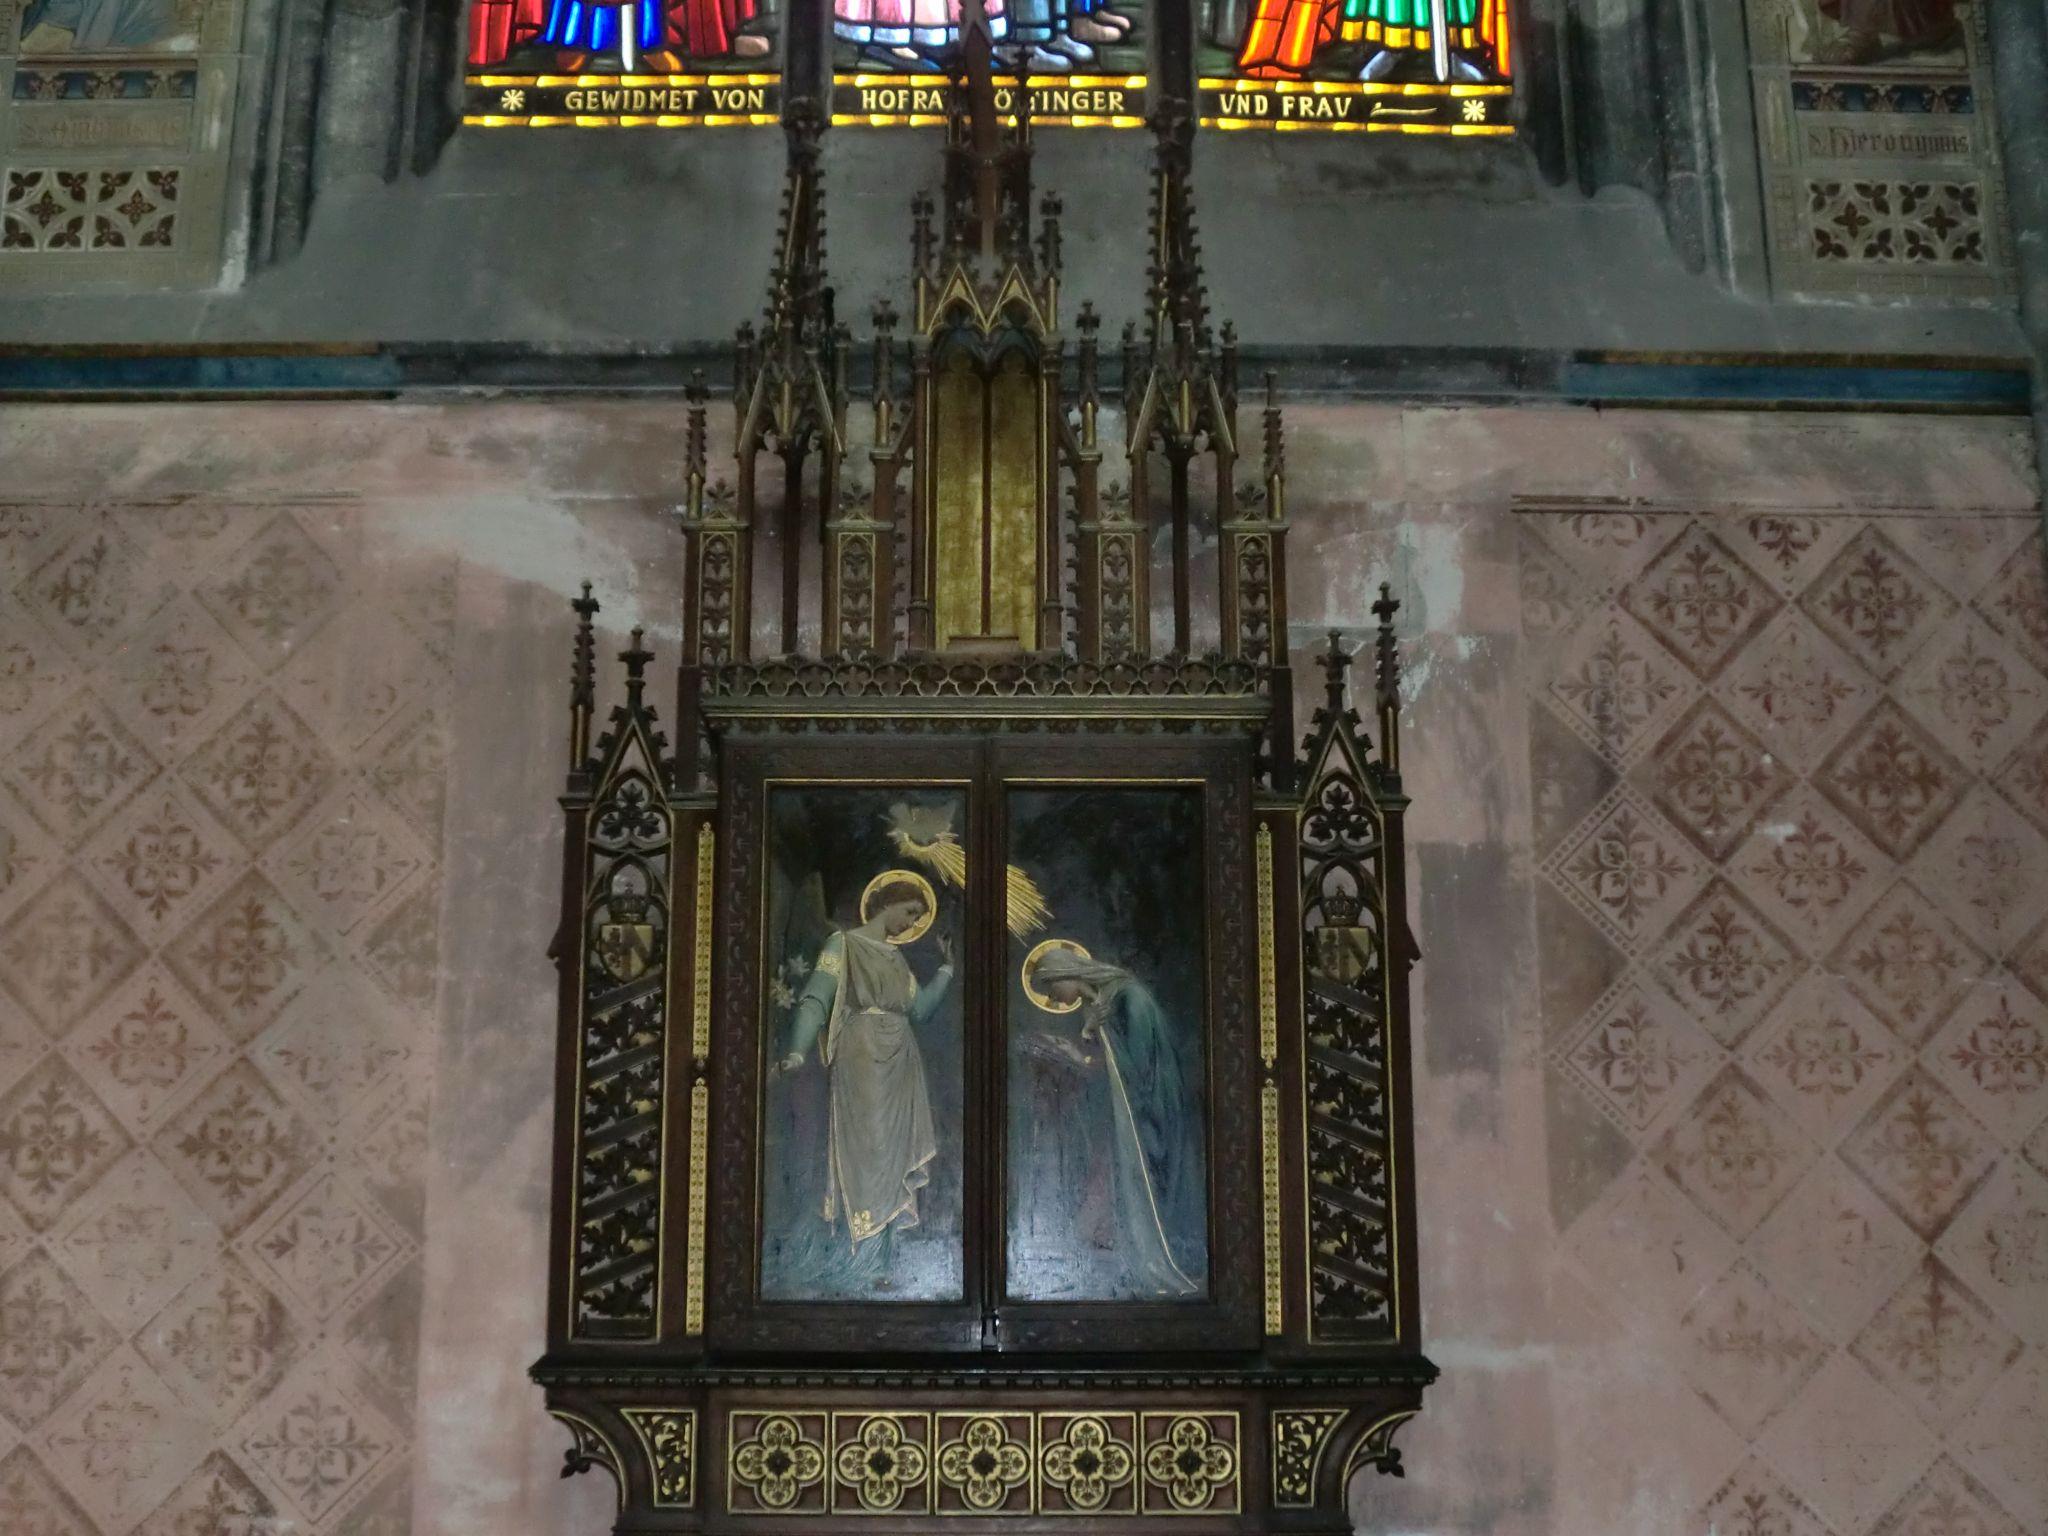 Vienna cathedral 10 1440x1080 - Vienna: elegant beauty